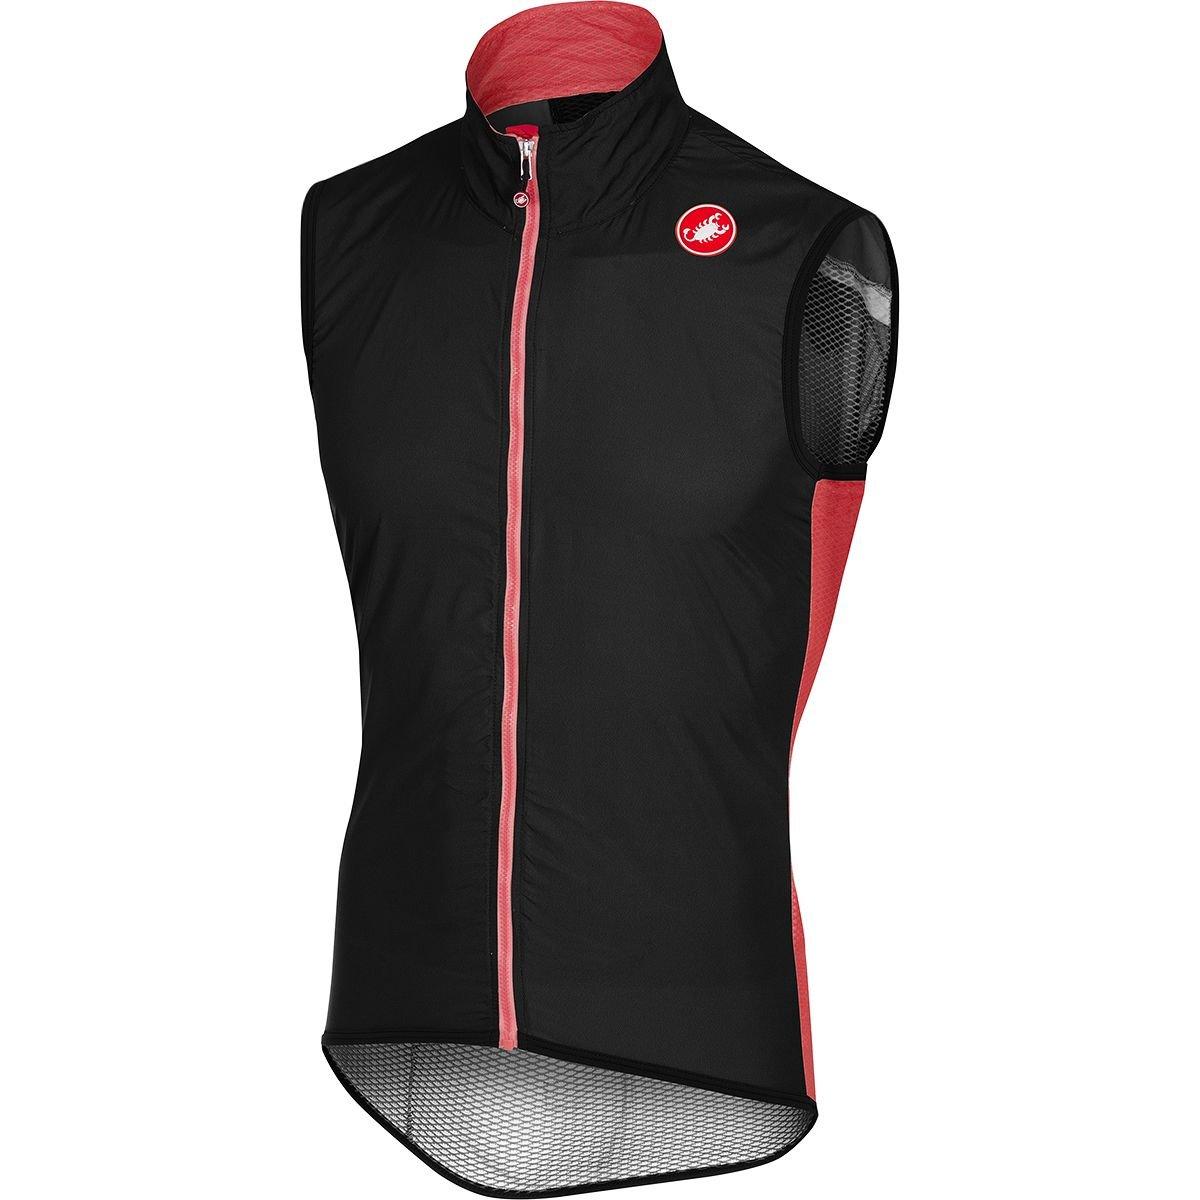 Castelli Pro Light Wind Vest - Men's Black, XL by Castelli